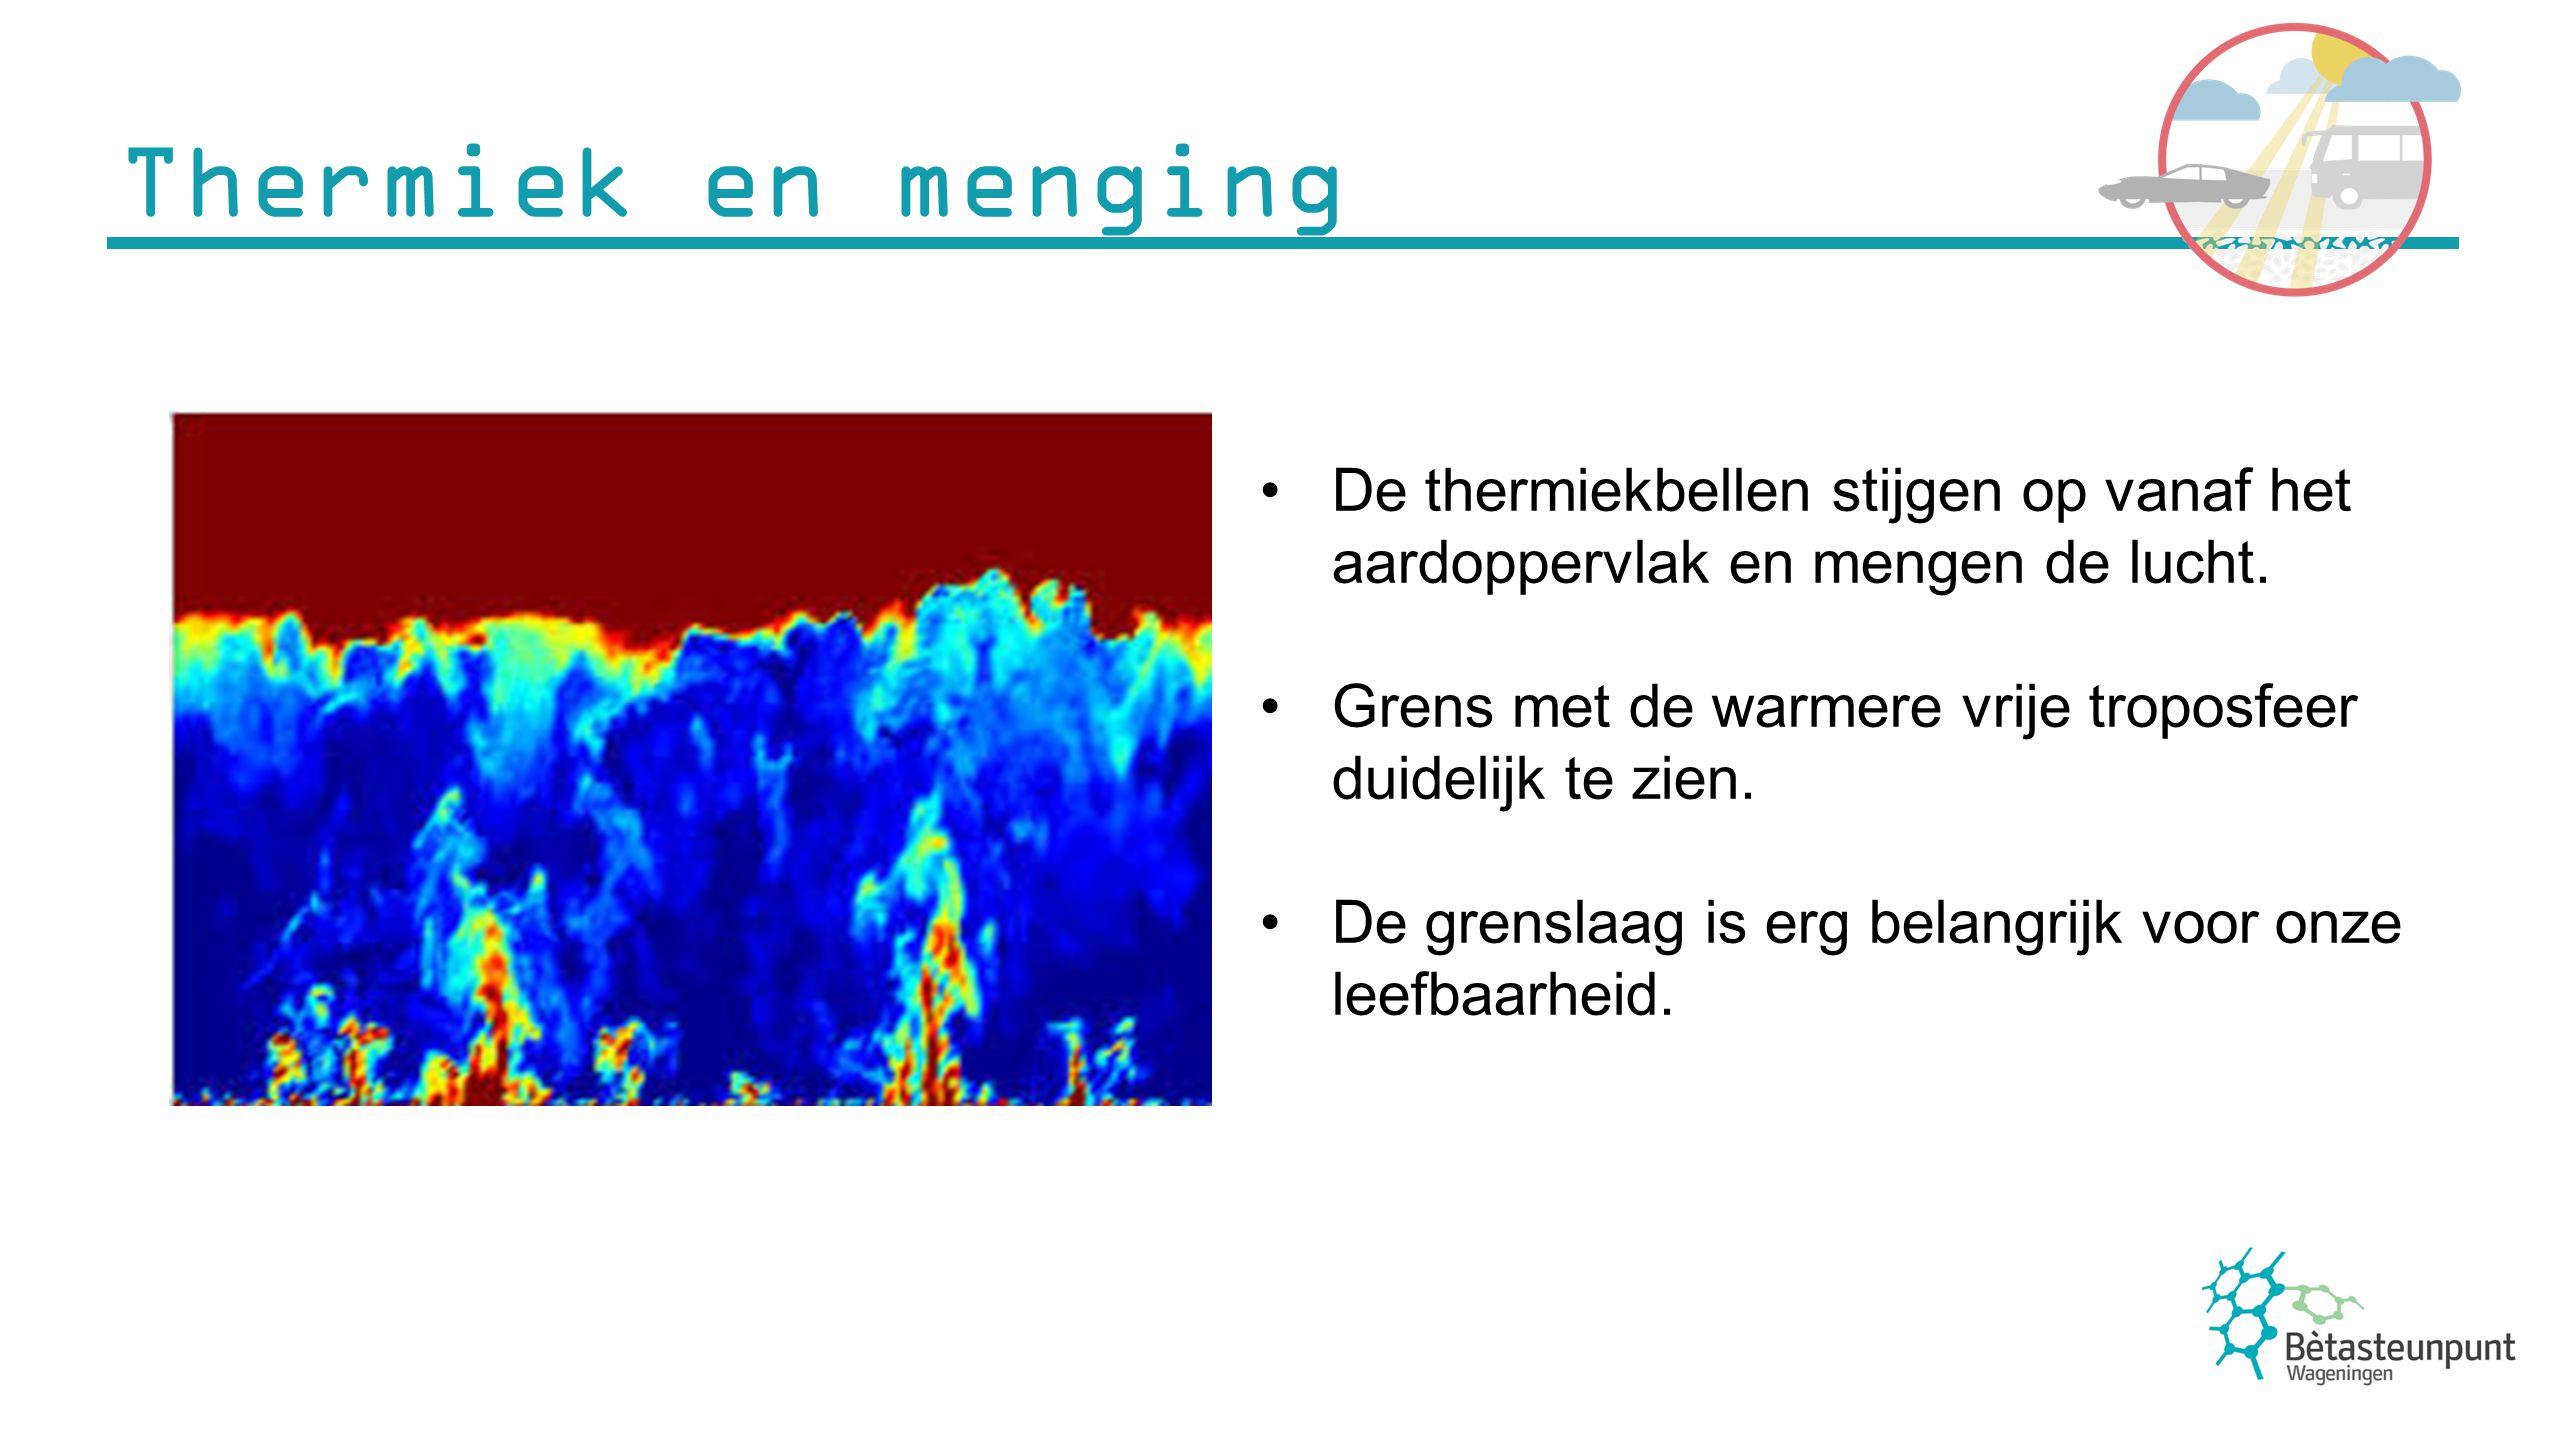 Thermiek en menging De thermiekbellen stijgen op vanaf het aardoppervlak en mengen de lucht.